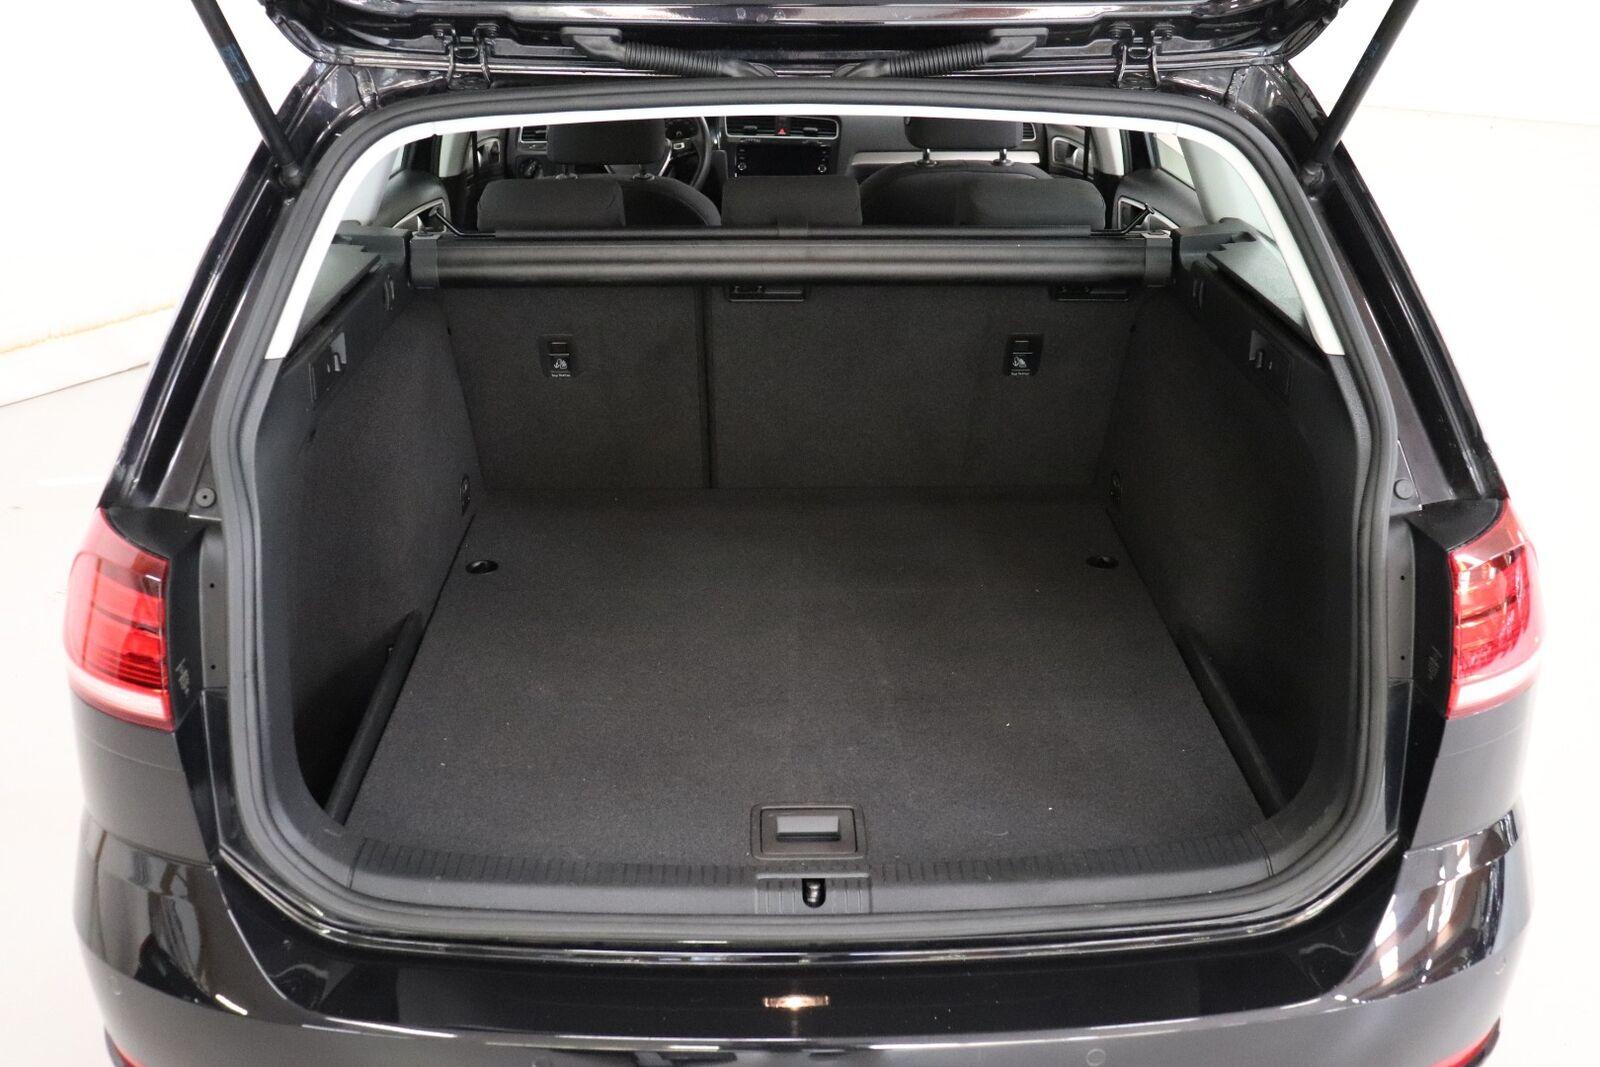 VW Golf VII 1,6 TDi 115 Trendline Variant